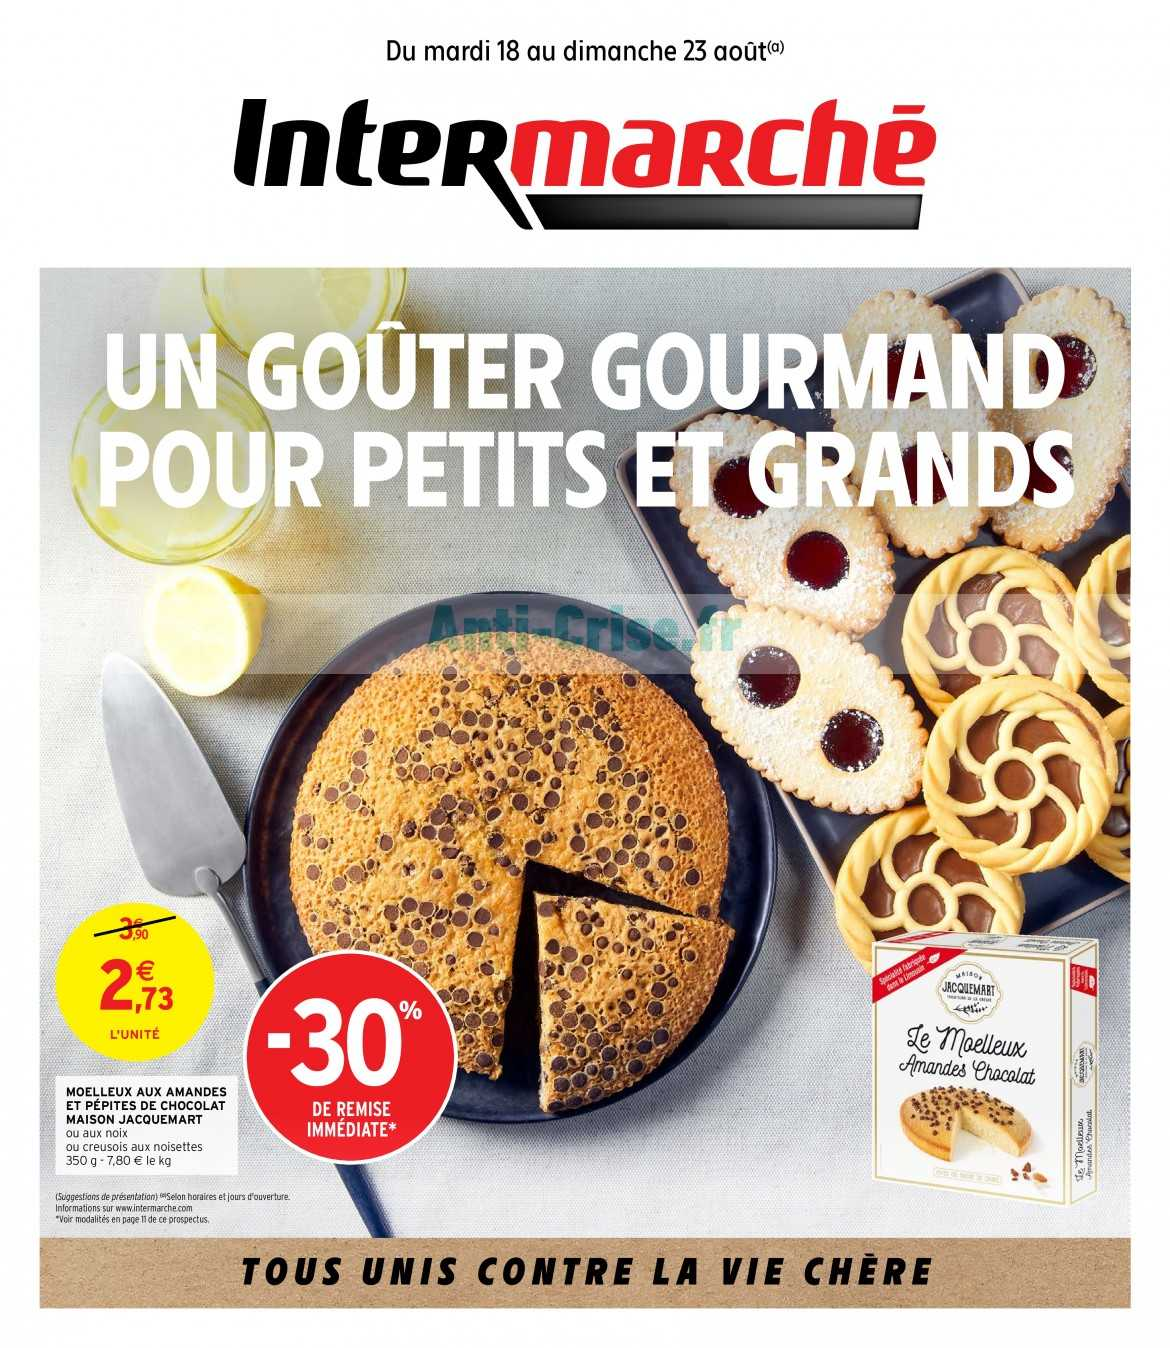 Catalogue Intermarche Du 18 Au 23 Aout 2020 Centre Est Catalogues Promos Bons Plans Economisez Anti Crise Fr